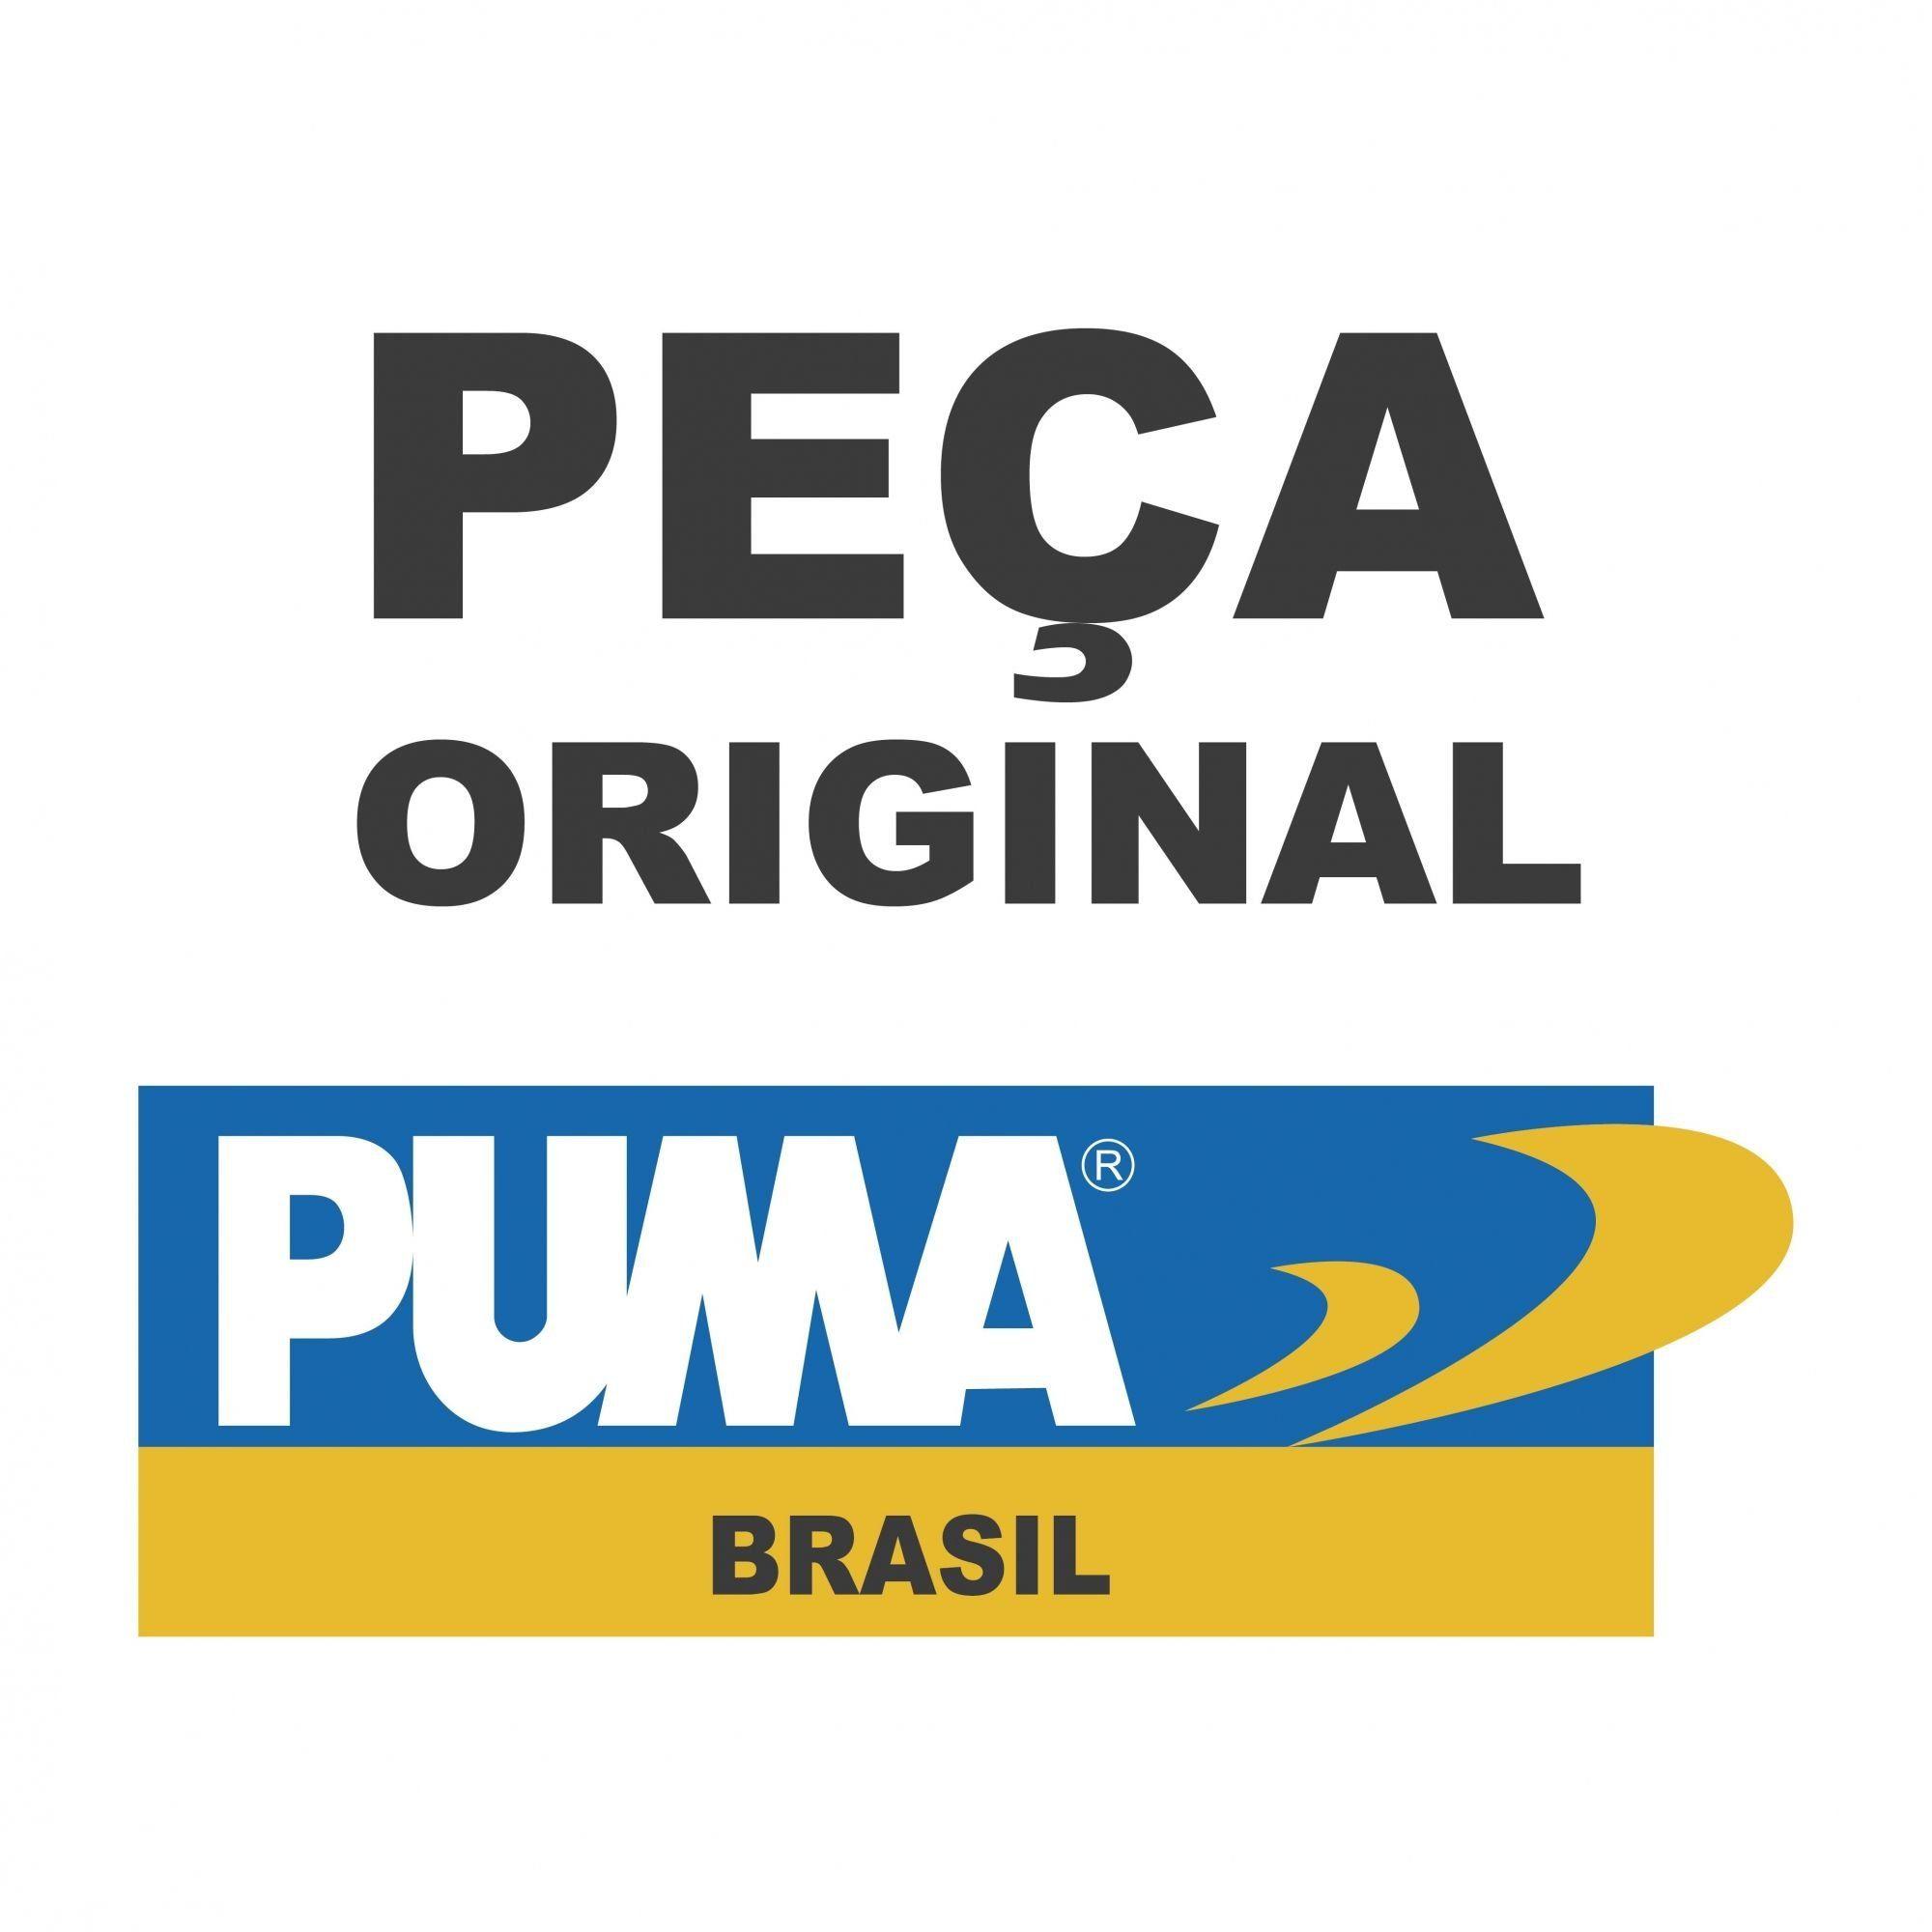 O'RING - PEÇA PNEUMÁTICA PUMA - T6007-82